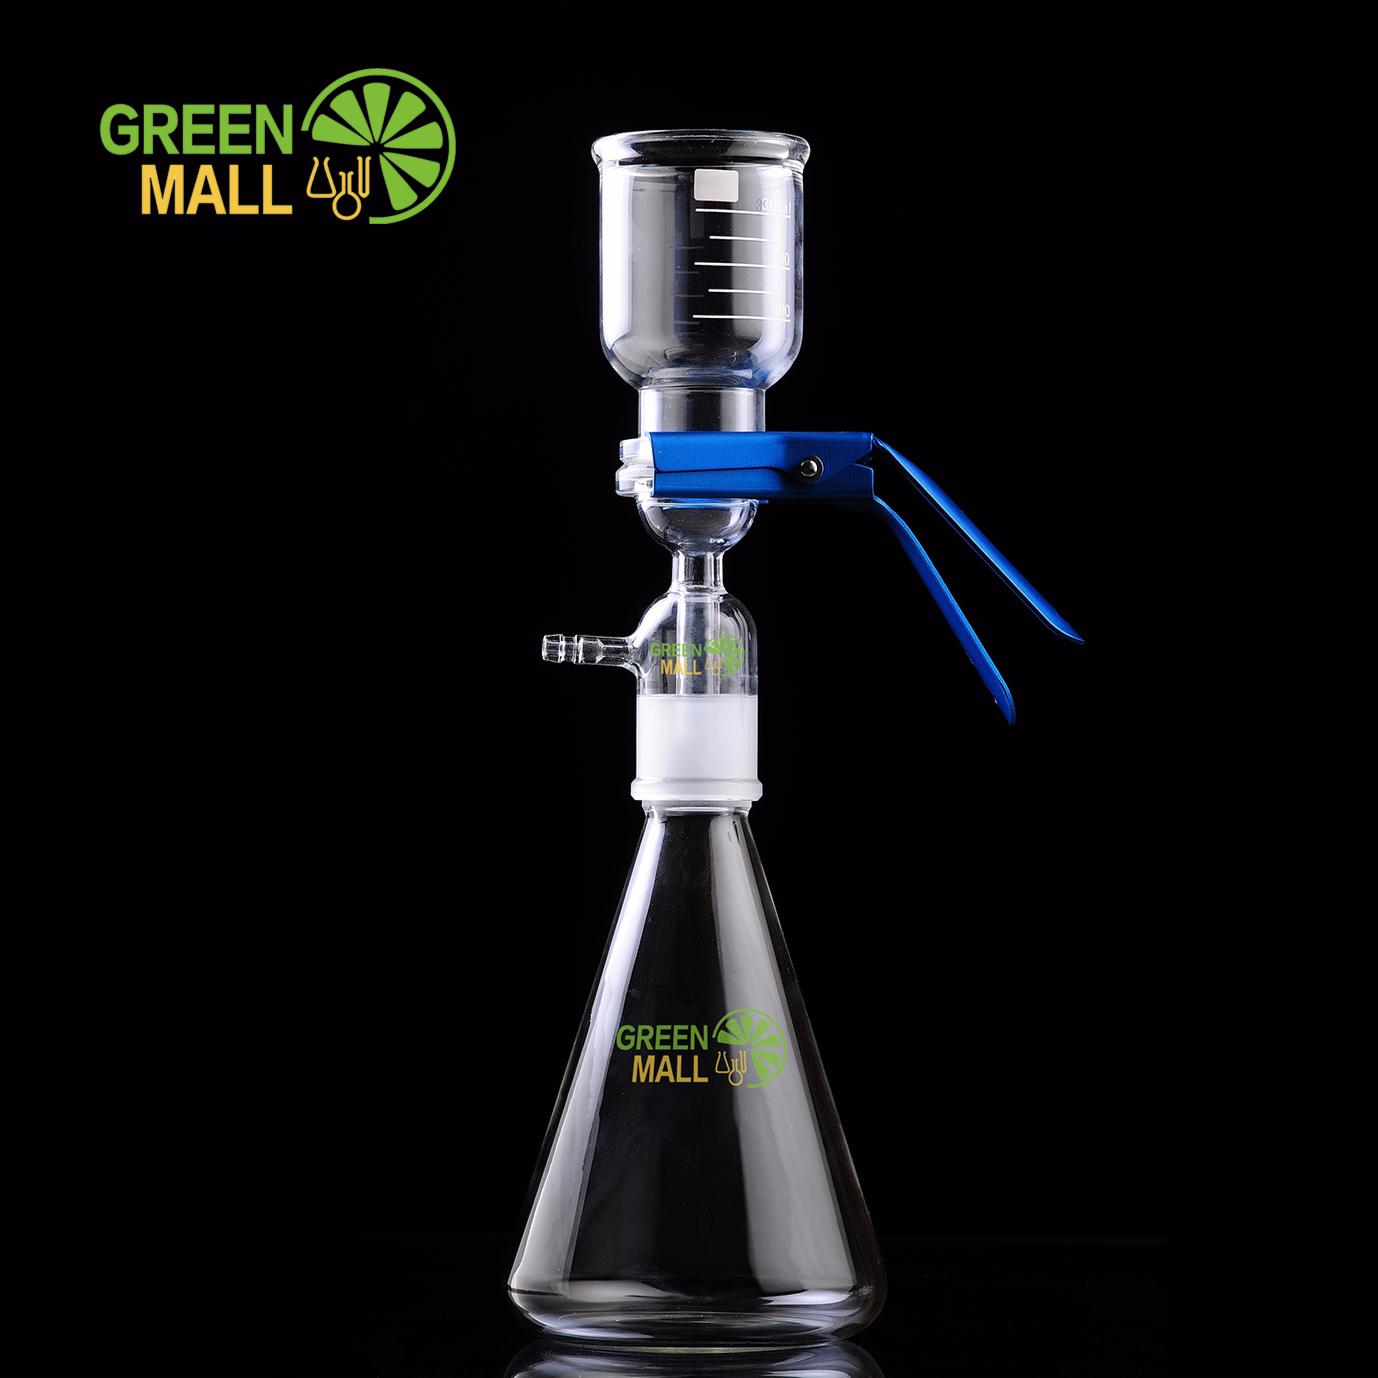 江苏绿盟,溶剂过滤器,GM-1 (300ml滤杯/1000ml三角瓶磨口连接),特价